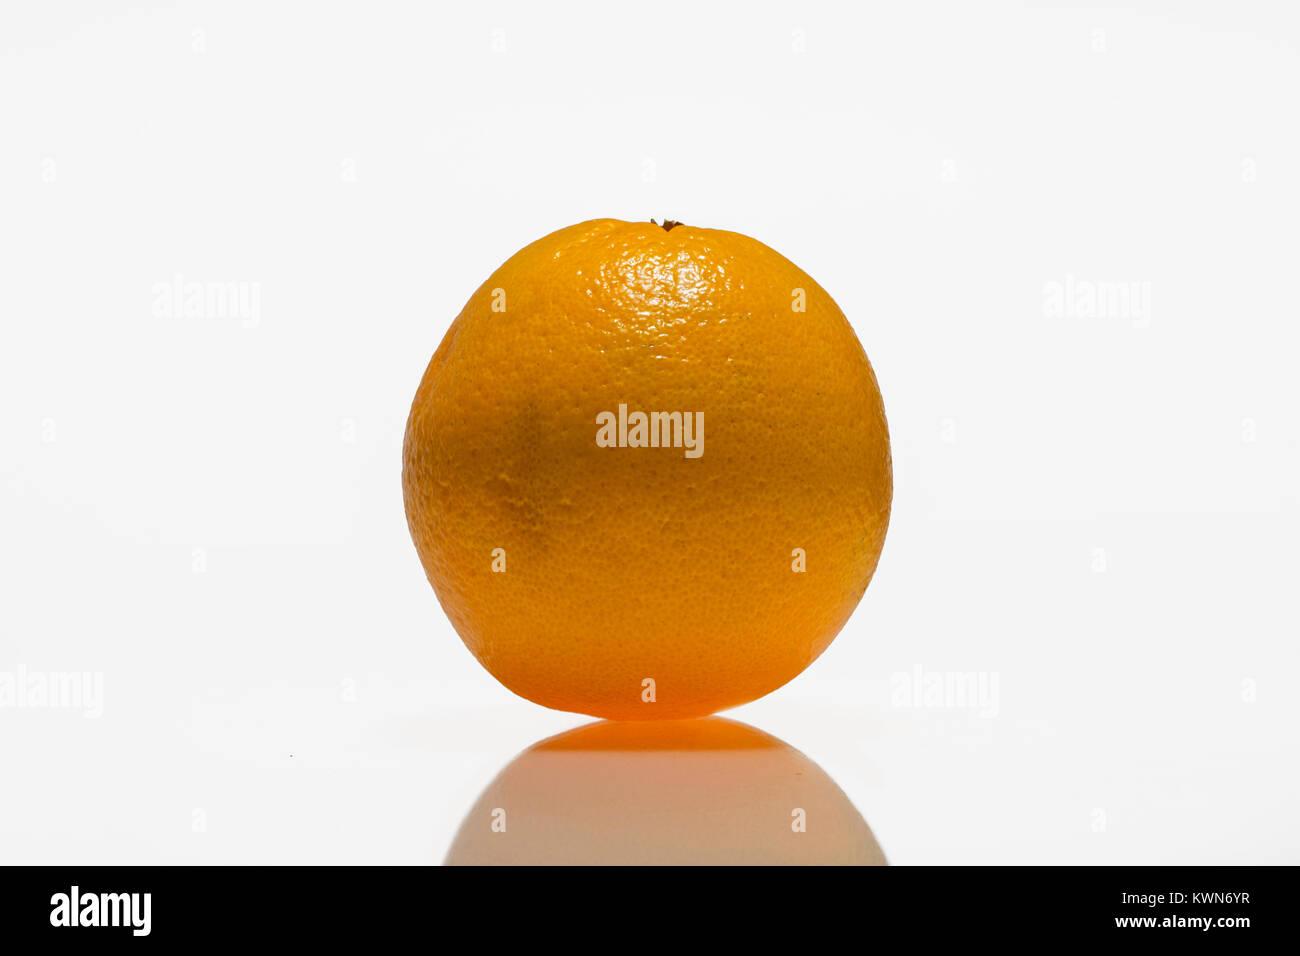 Orange, citrus fruit against white background - Stock Image